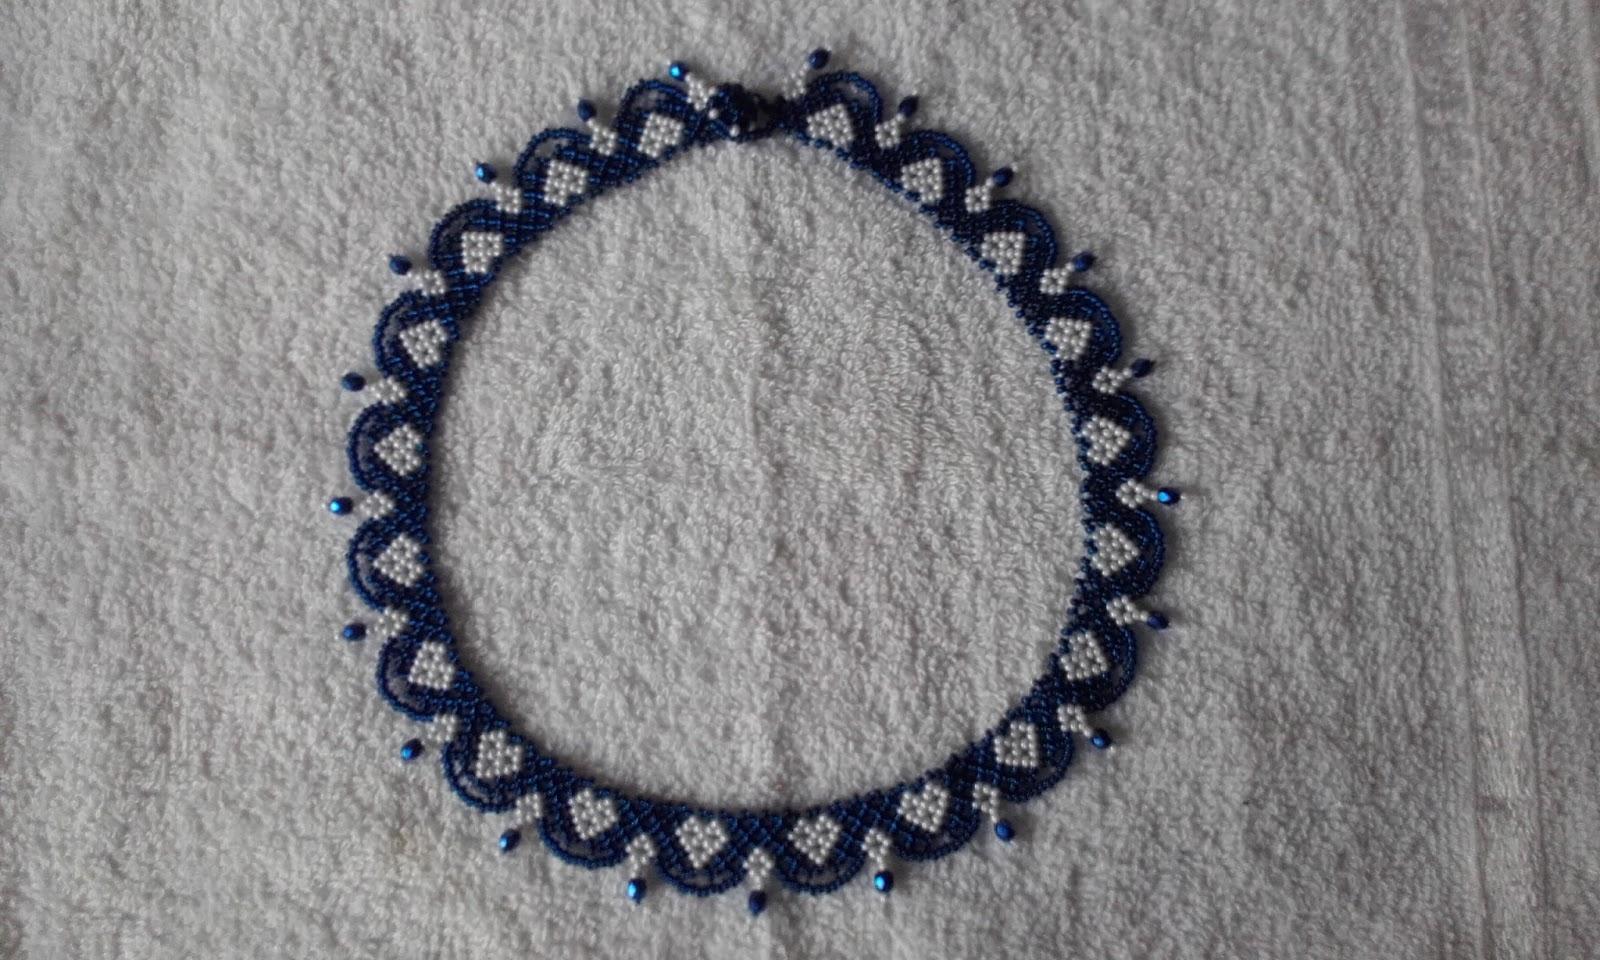 8f27d6f9cf Mindamellett gyönyörű kék csiszoltakat találtam az egyik gyöngyös boltban.  A vidámságát a benne lévő szív motívum adja.